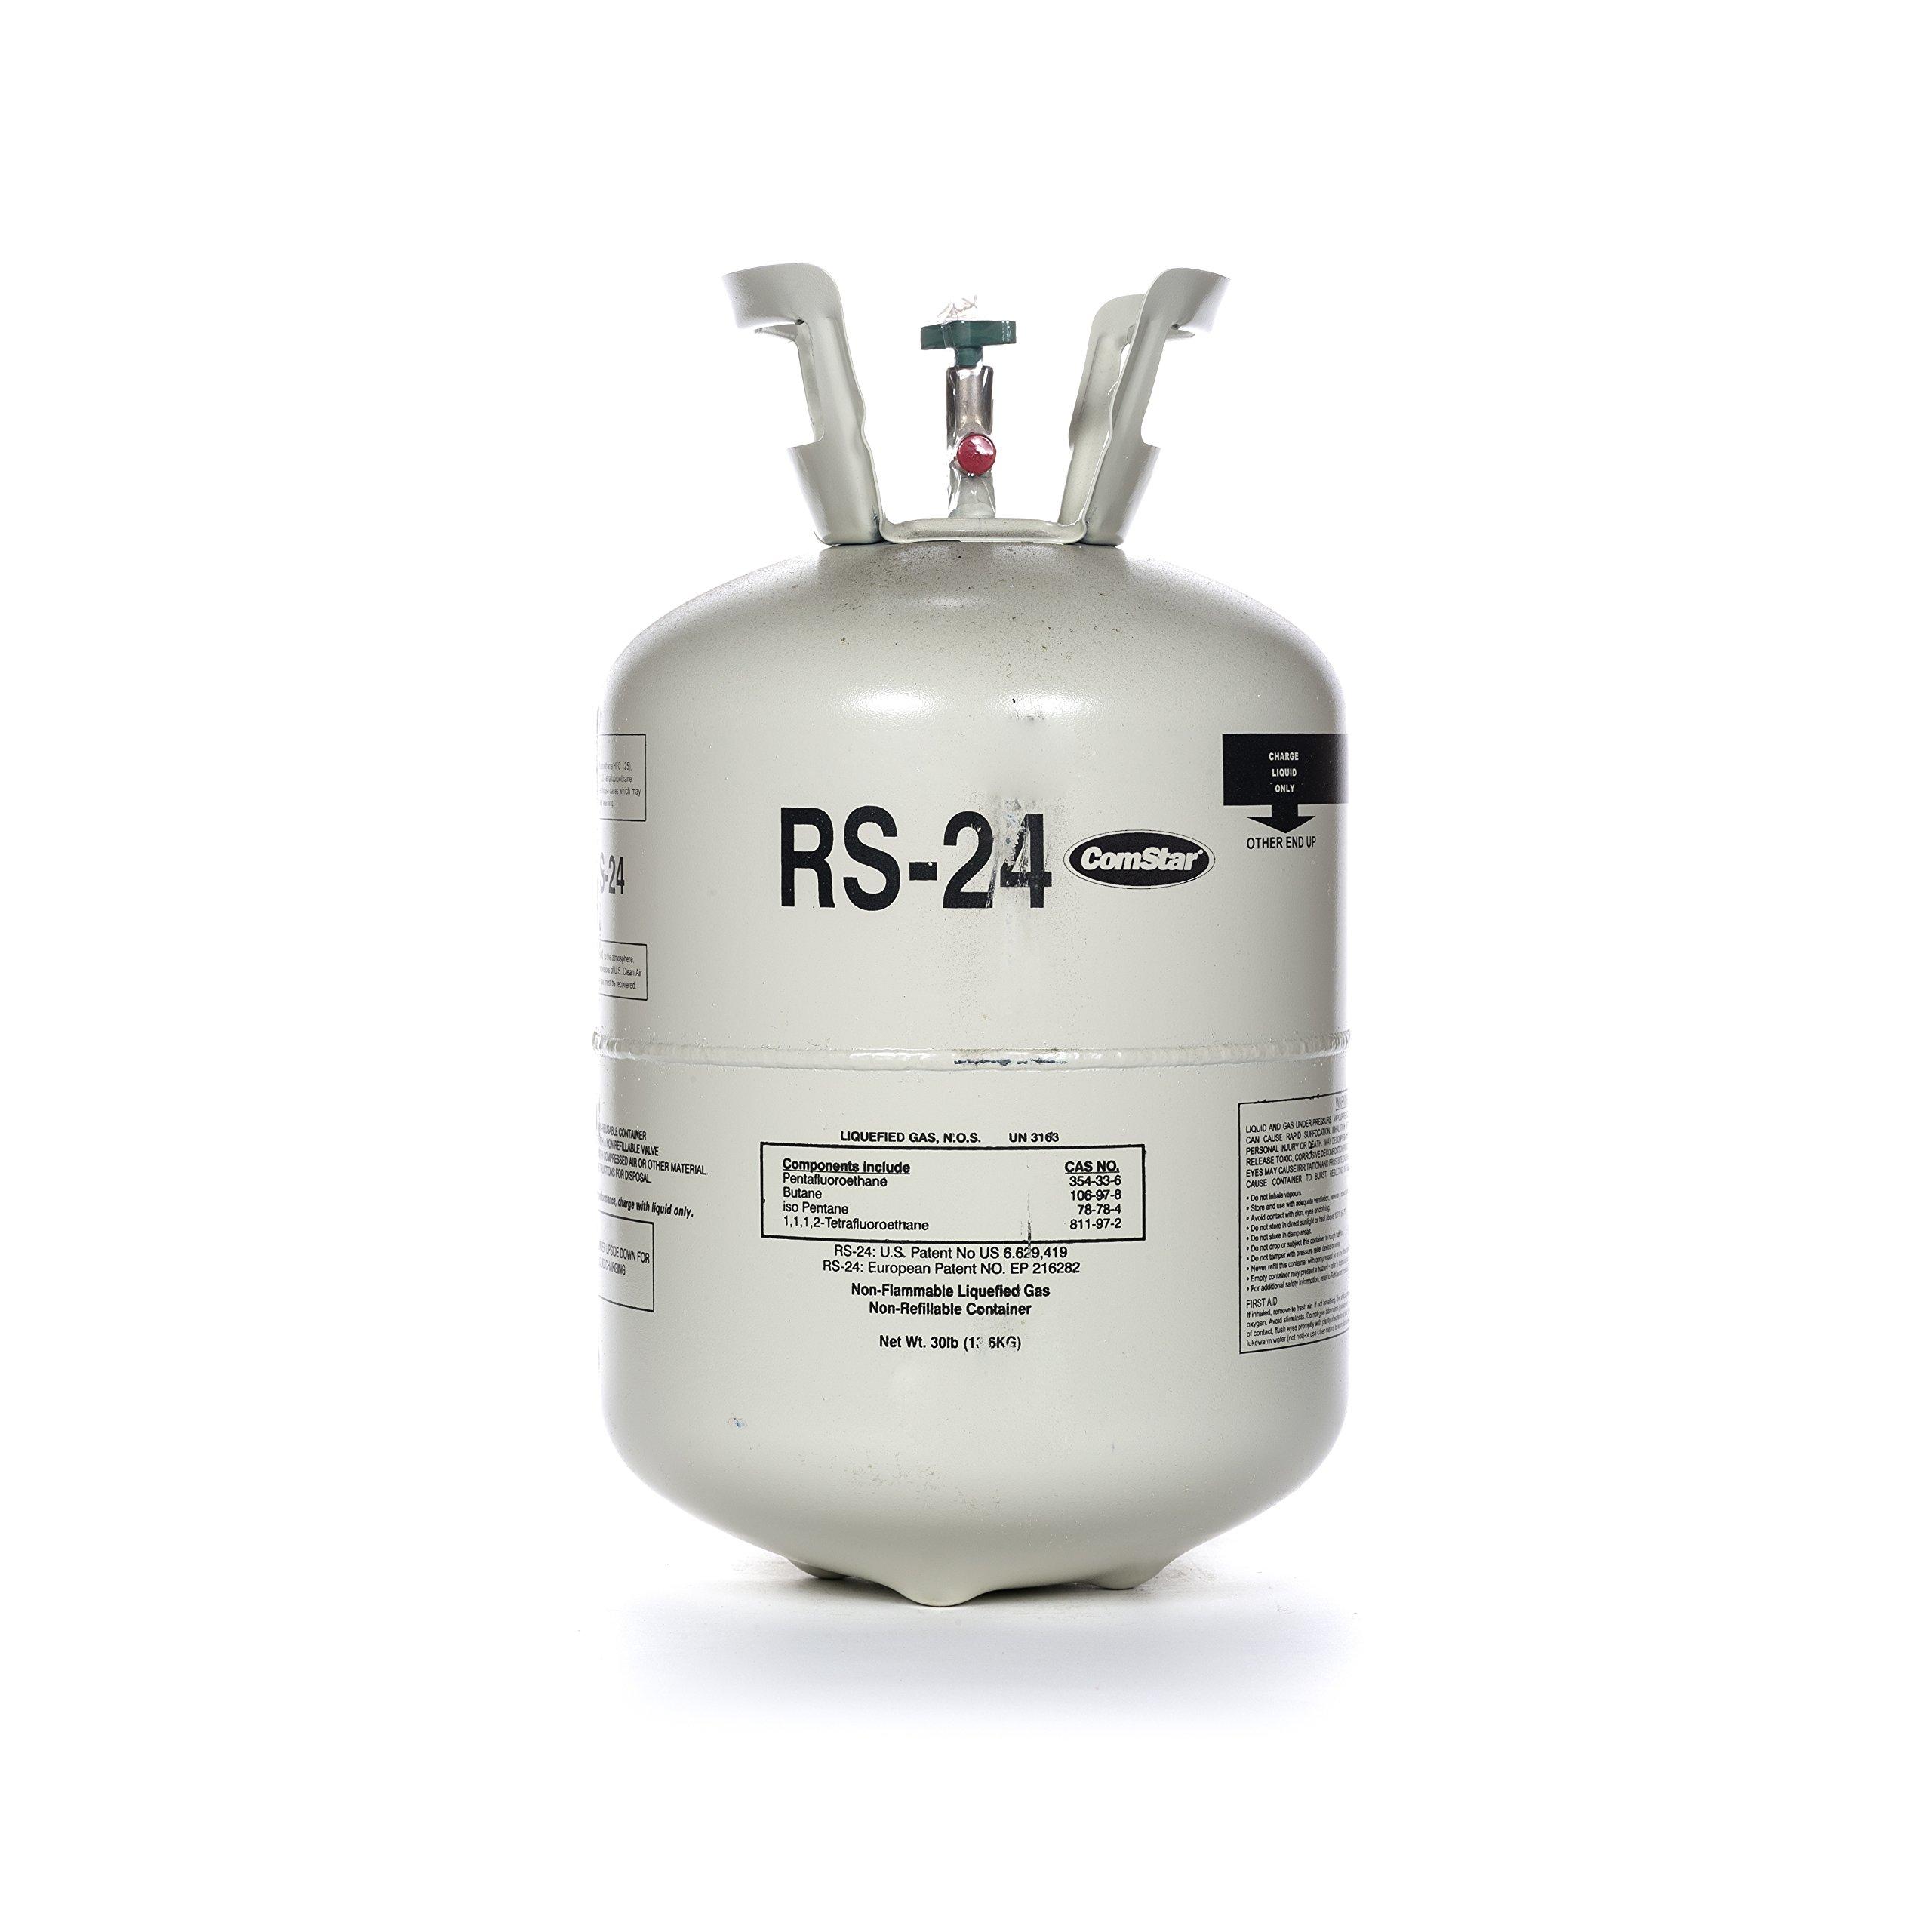 Comstar 80-100 RS-24 Refrigerant (30 lb. Cylinder, Sealed)